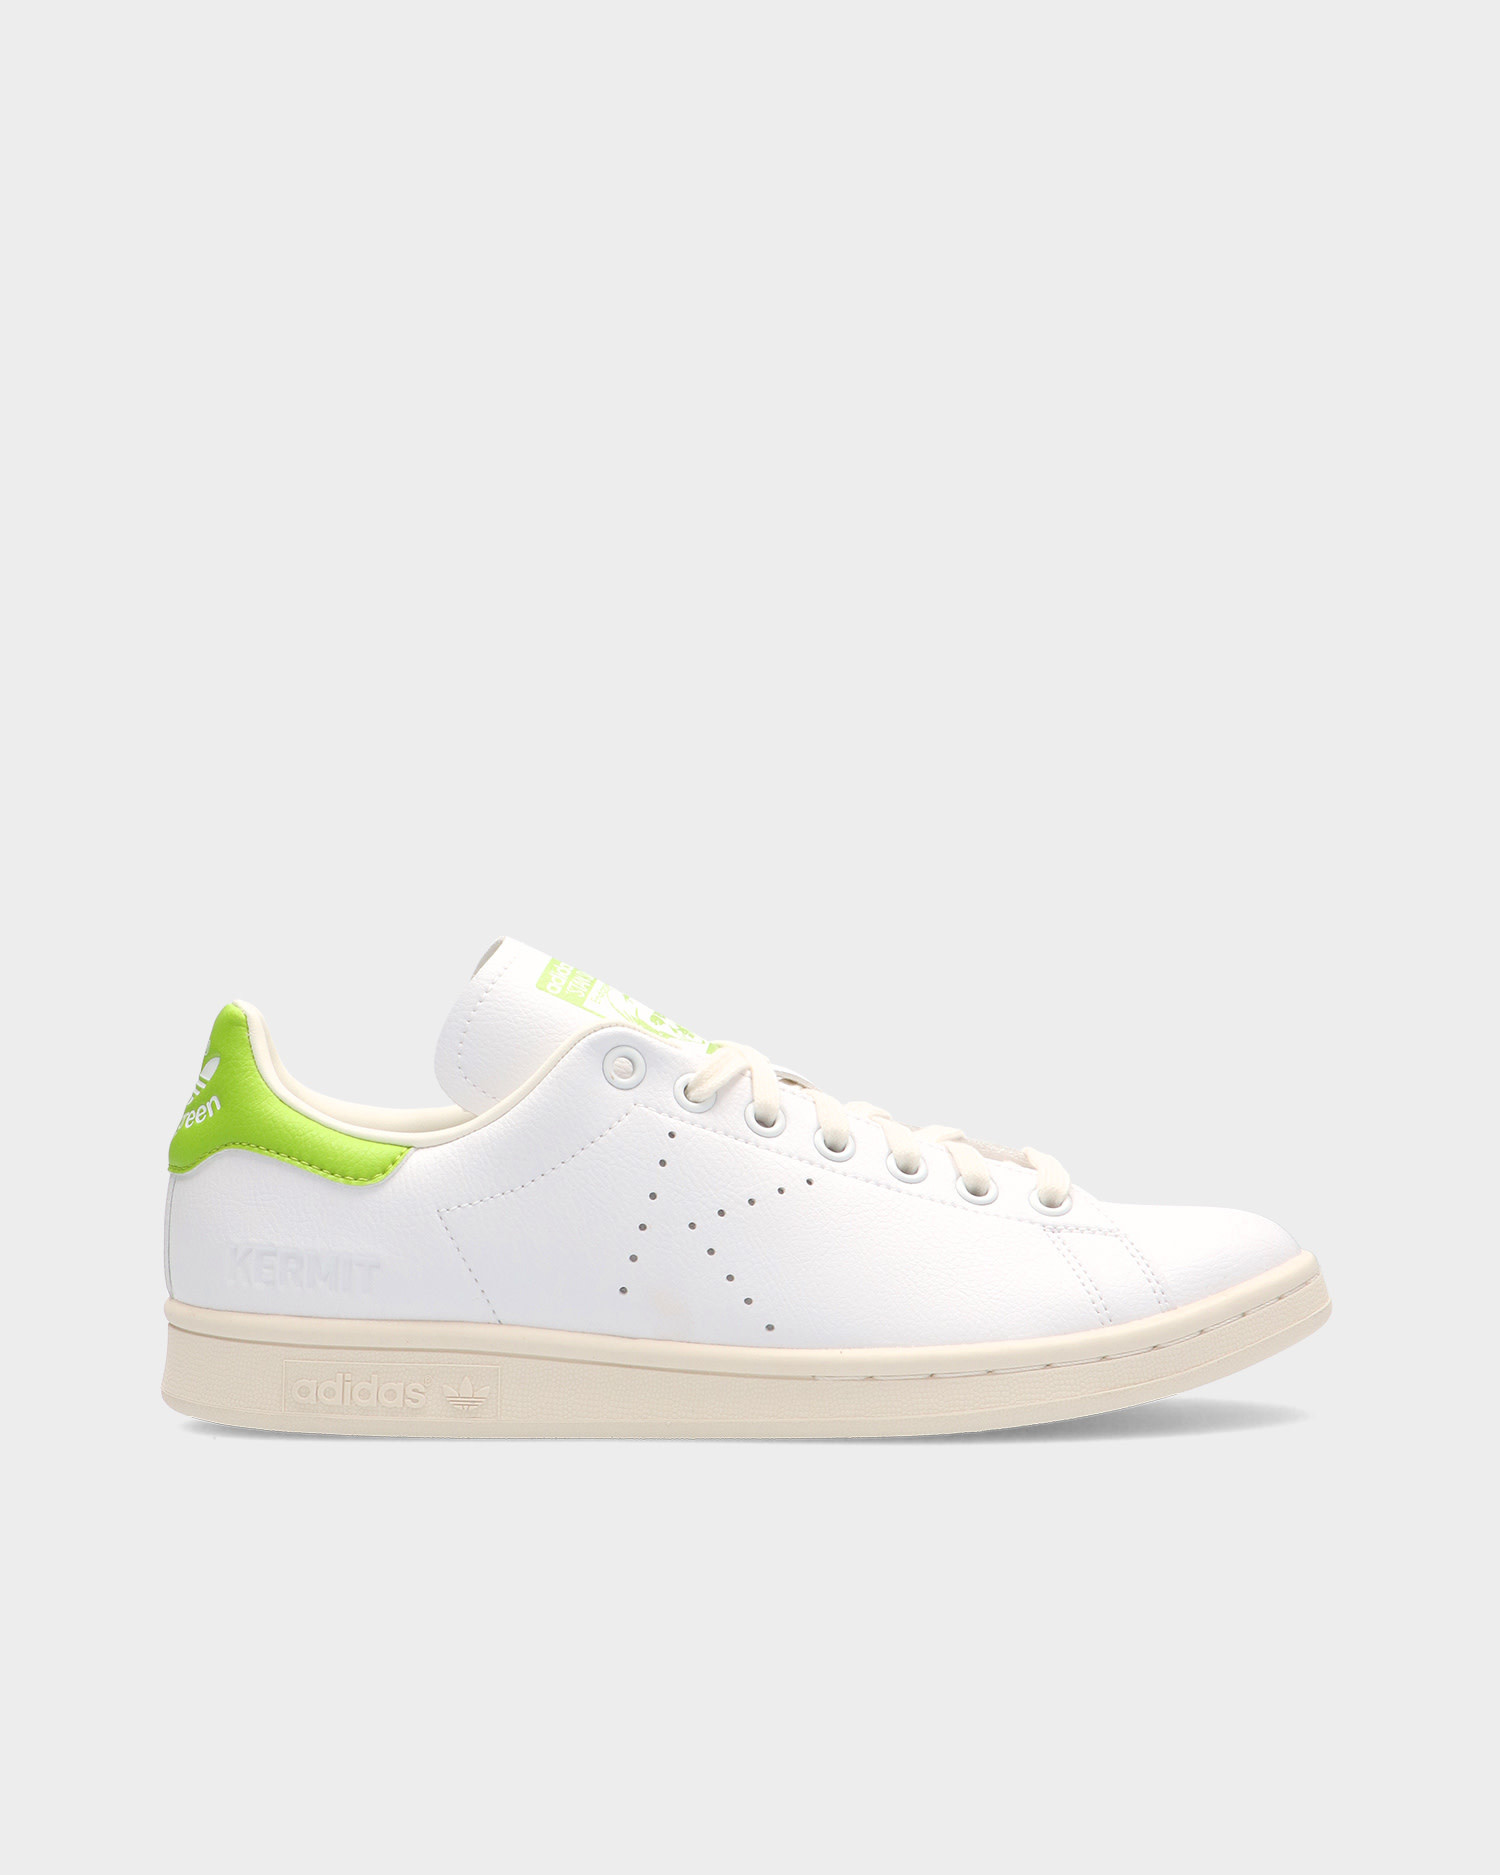 Adidas Stan Smith Kermit Ftwwht/Panton/Owhite